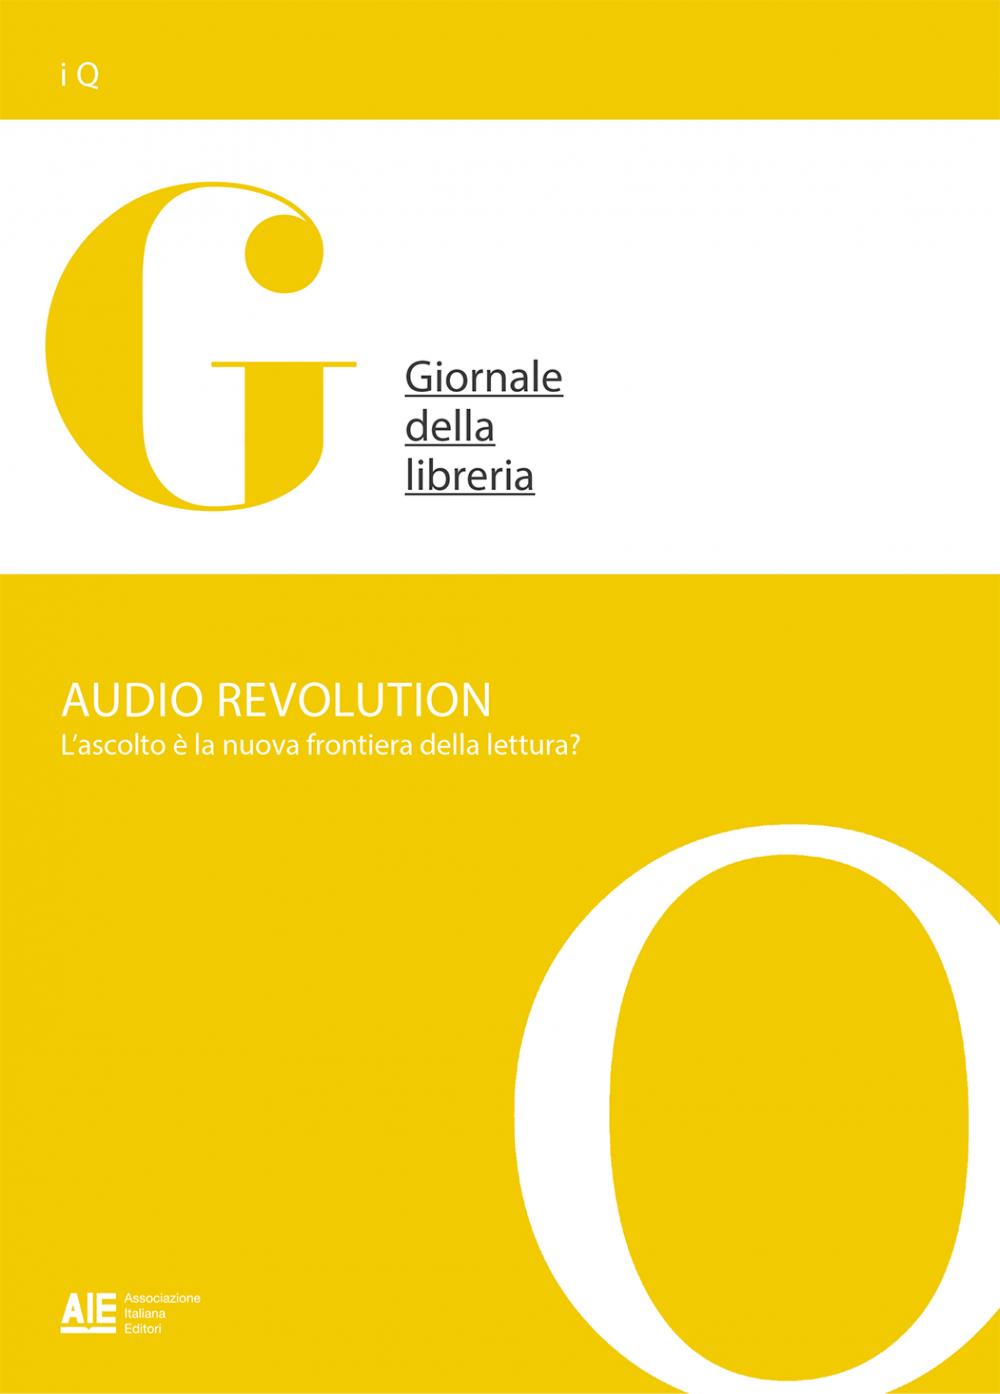 Audio revolution. L'ascolto è la nuova frontiera della lettura?